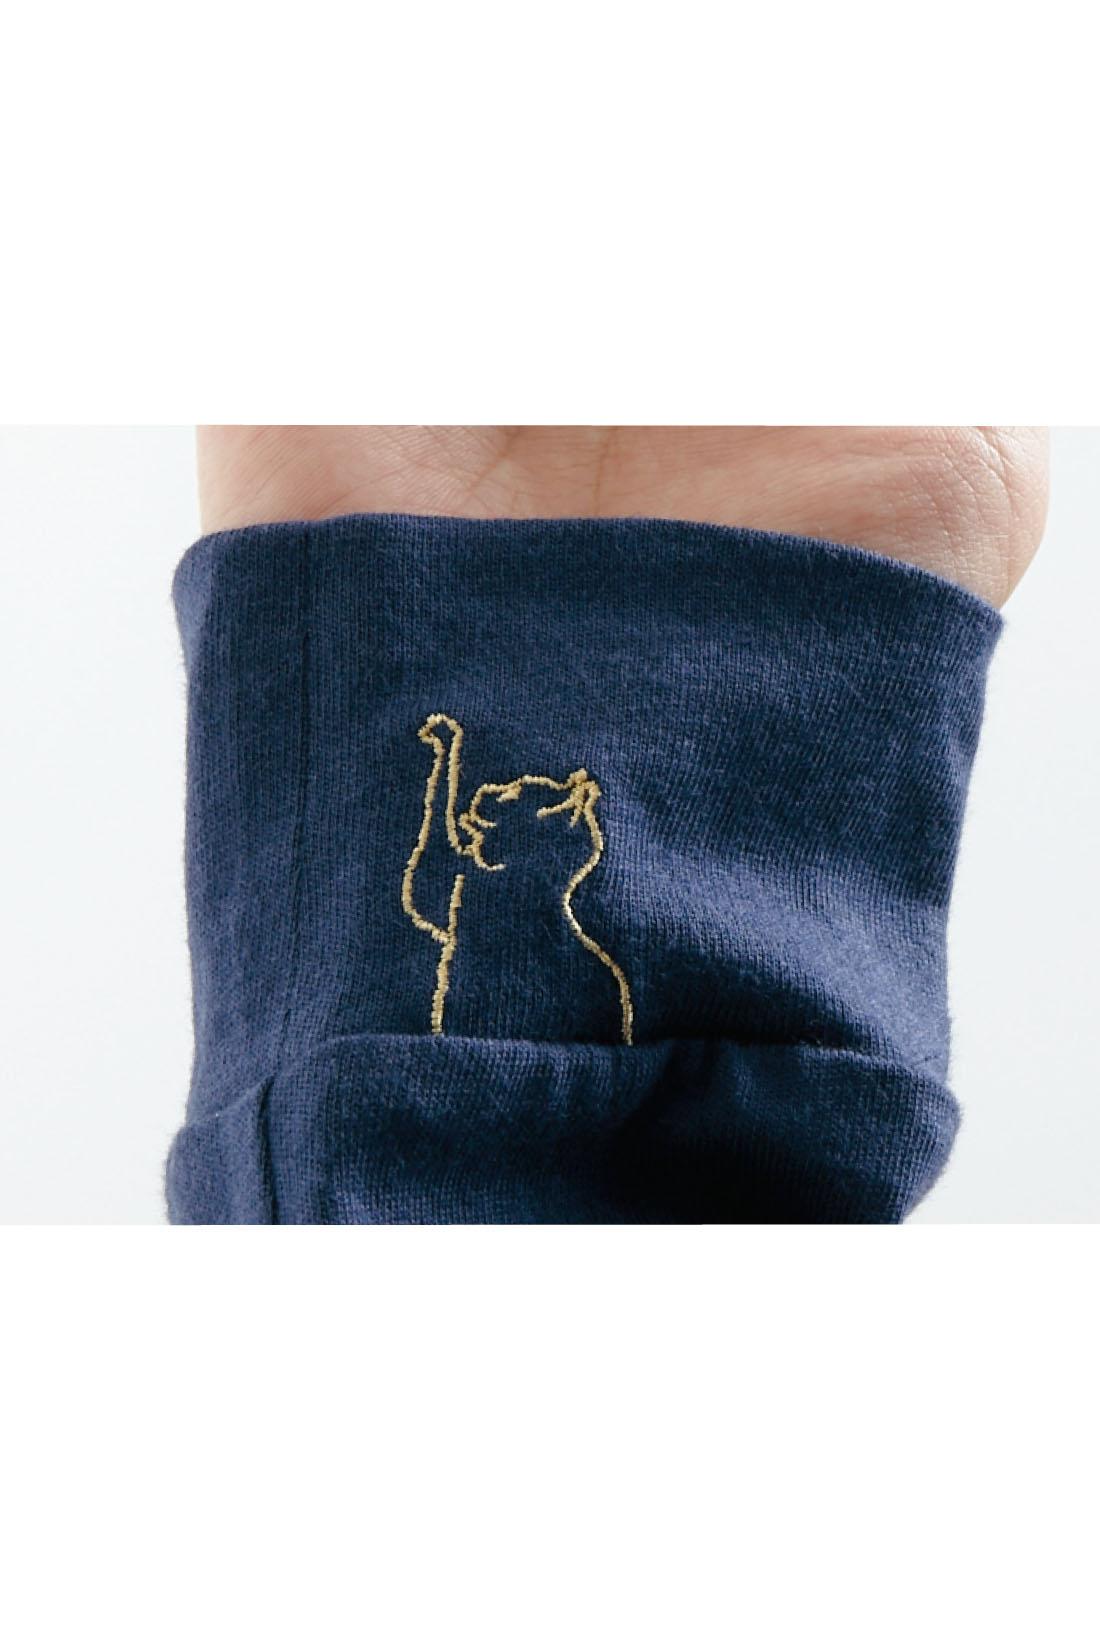 「猫の手も借りたい」くらい忙しい時にもクスっと気持ちがなごむように、右袖口に猫の刺繍入り。